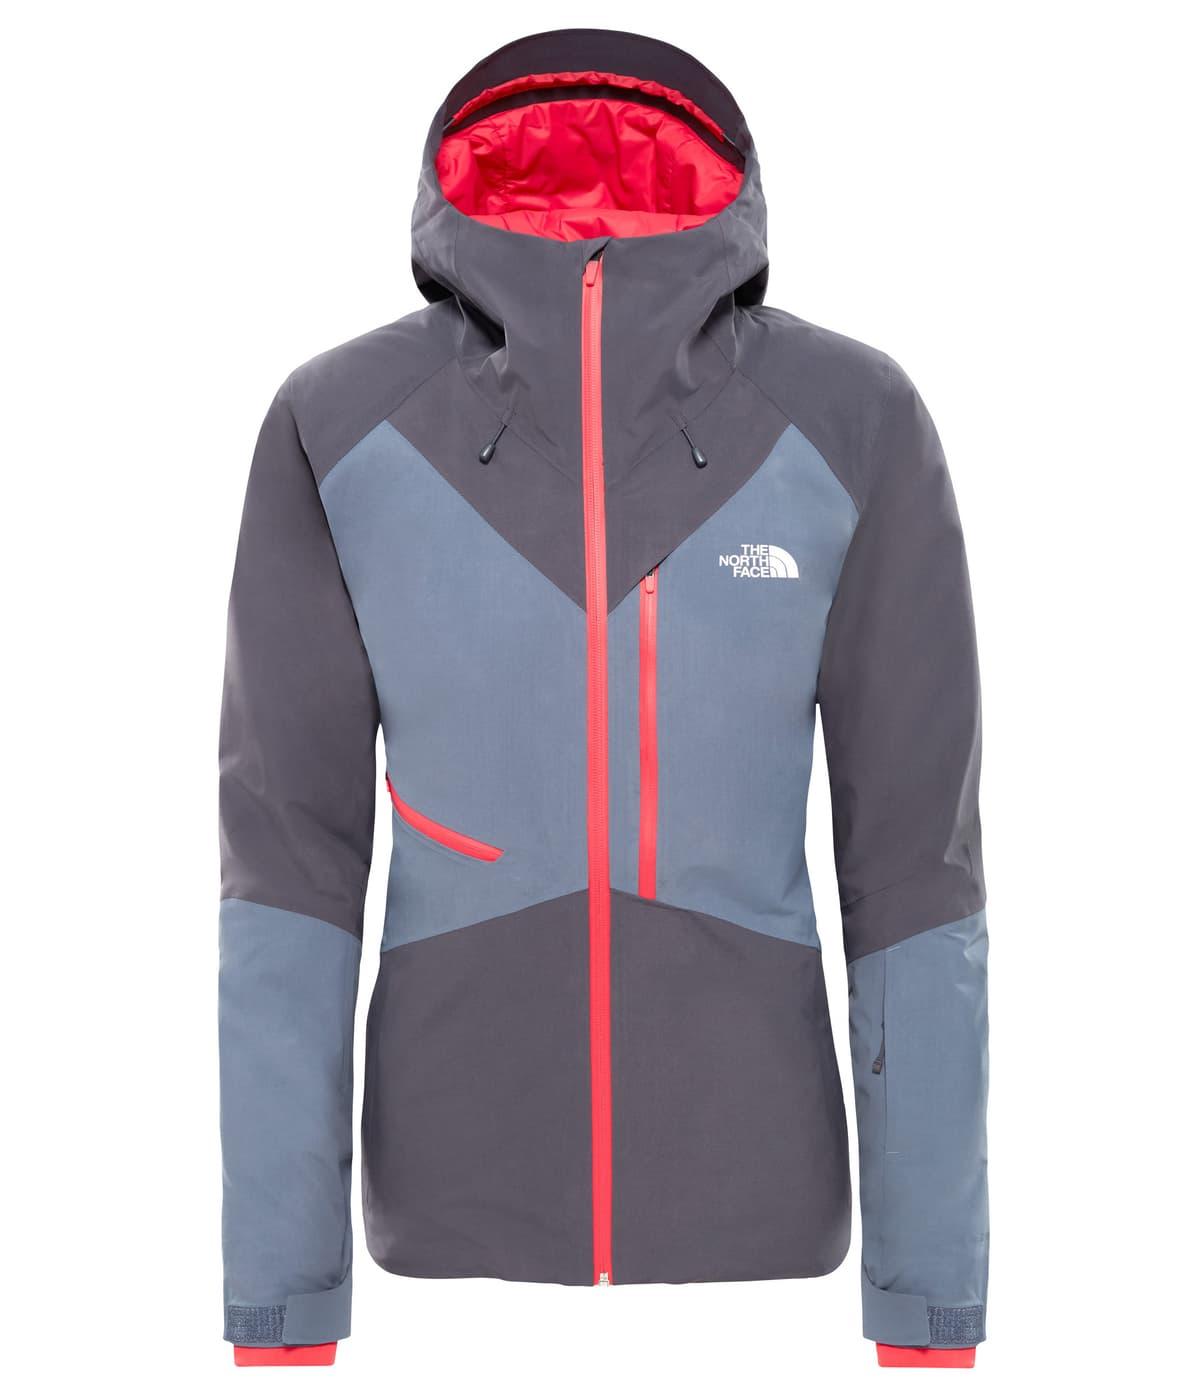 The North Face Lostrail Jacket Giacca da sci da donna ... 23d0e939a800